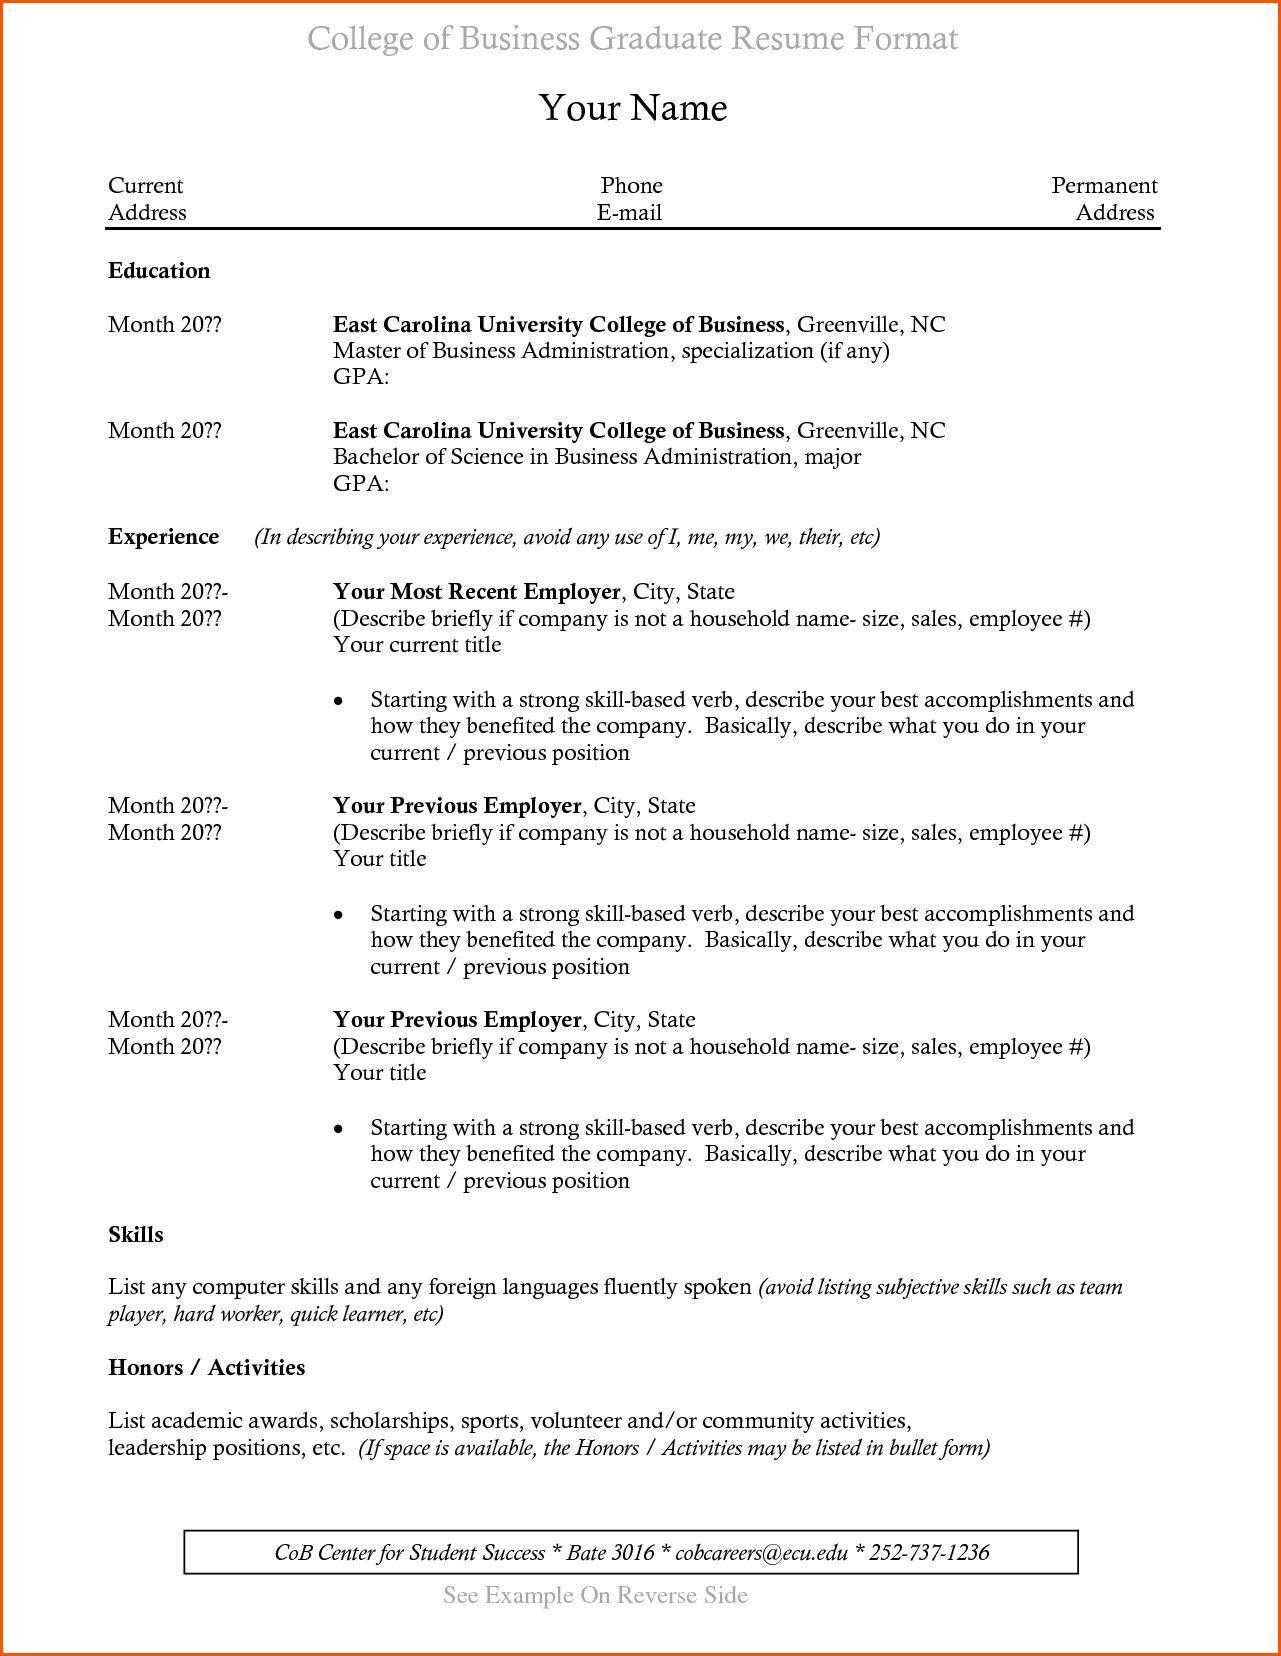 College Graduate Resume examples, College resume